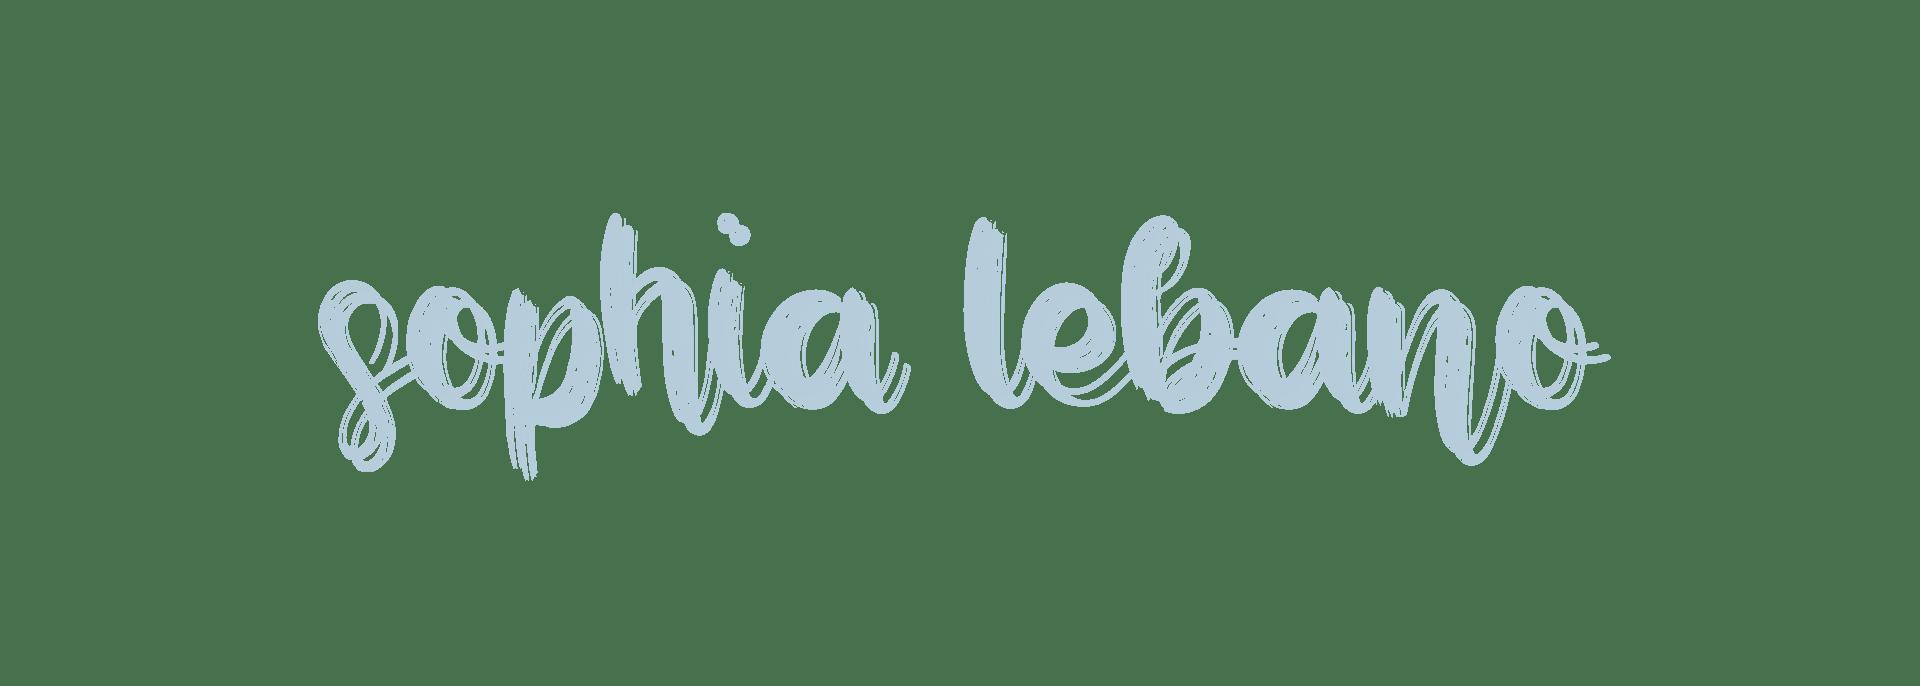 Sophia Lebano